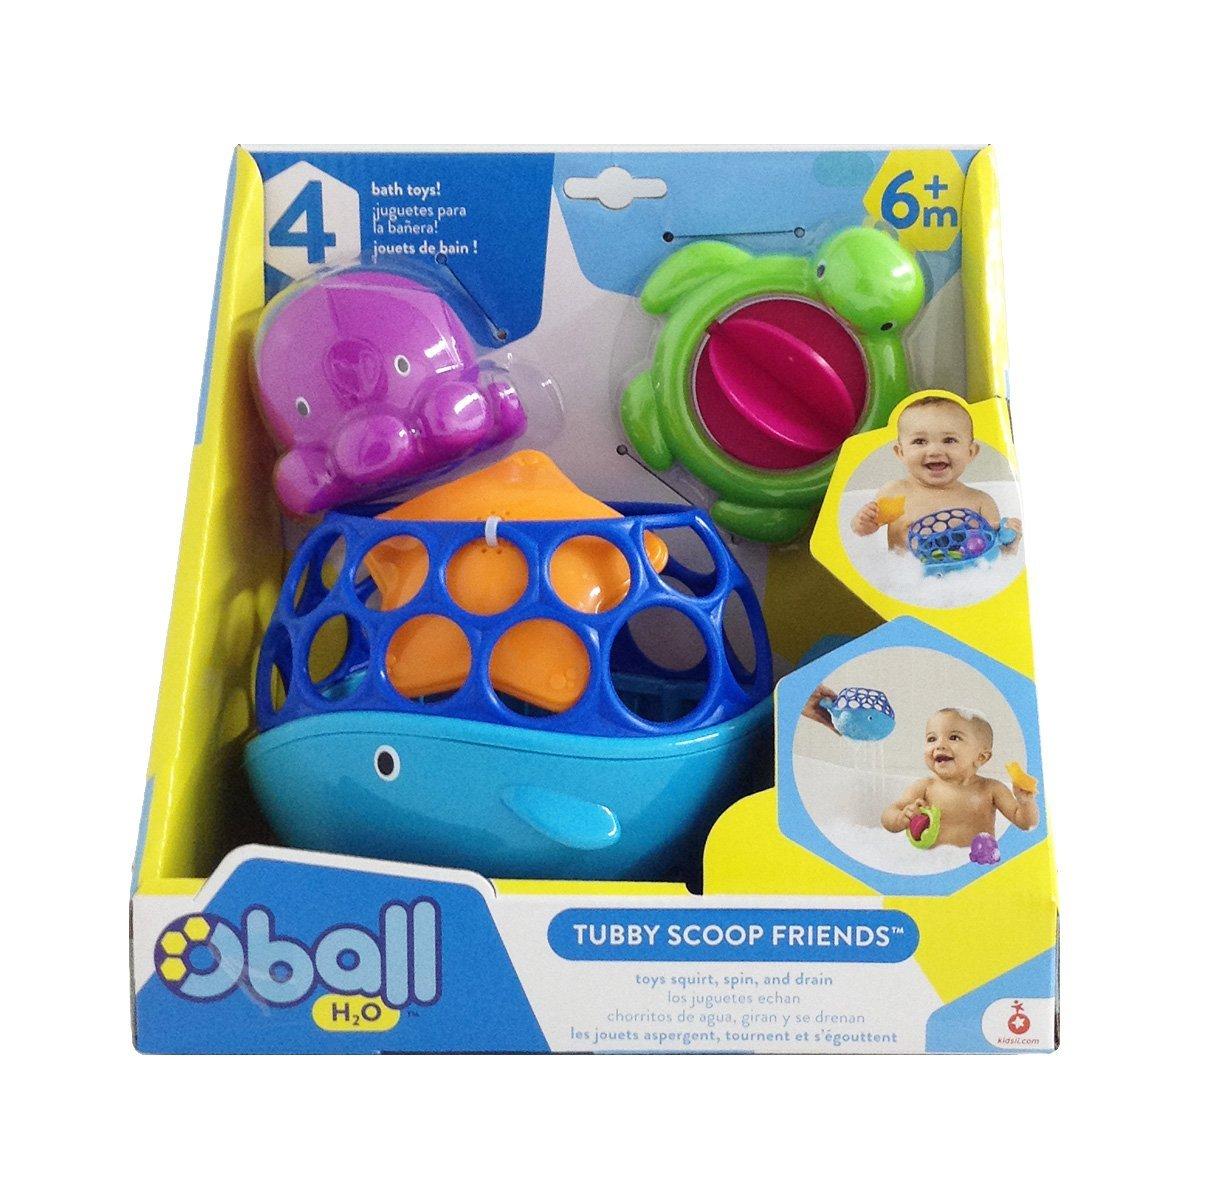 Набор игрушек для ванны - Морские друзьяРазвивающие игрушки<br>Набор игрушек для ванны - Морские друзья<br>